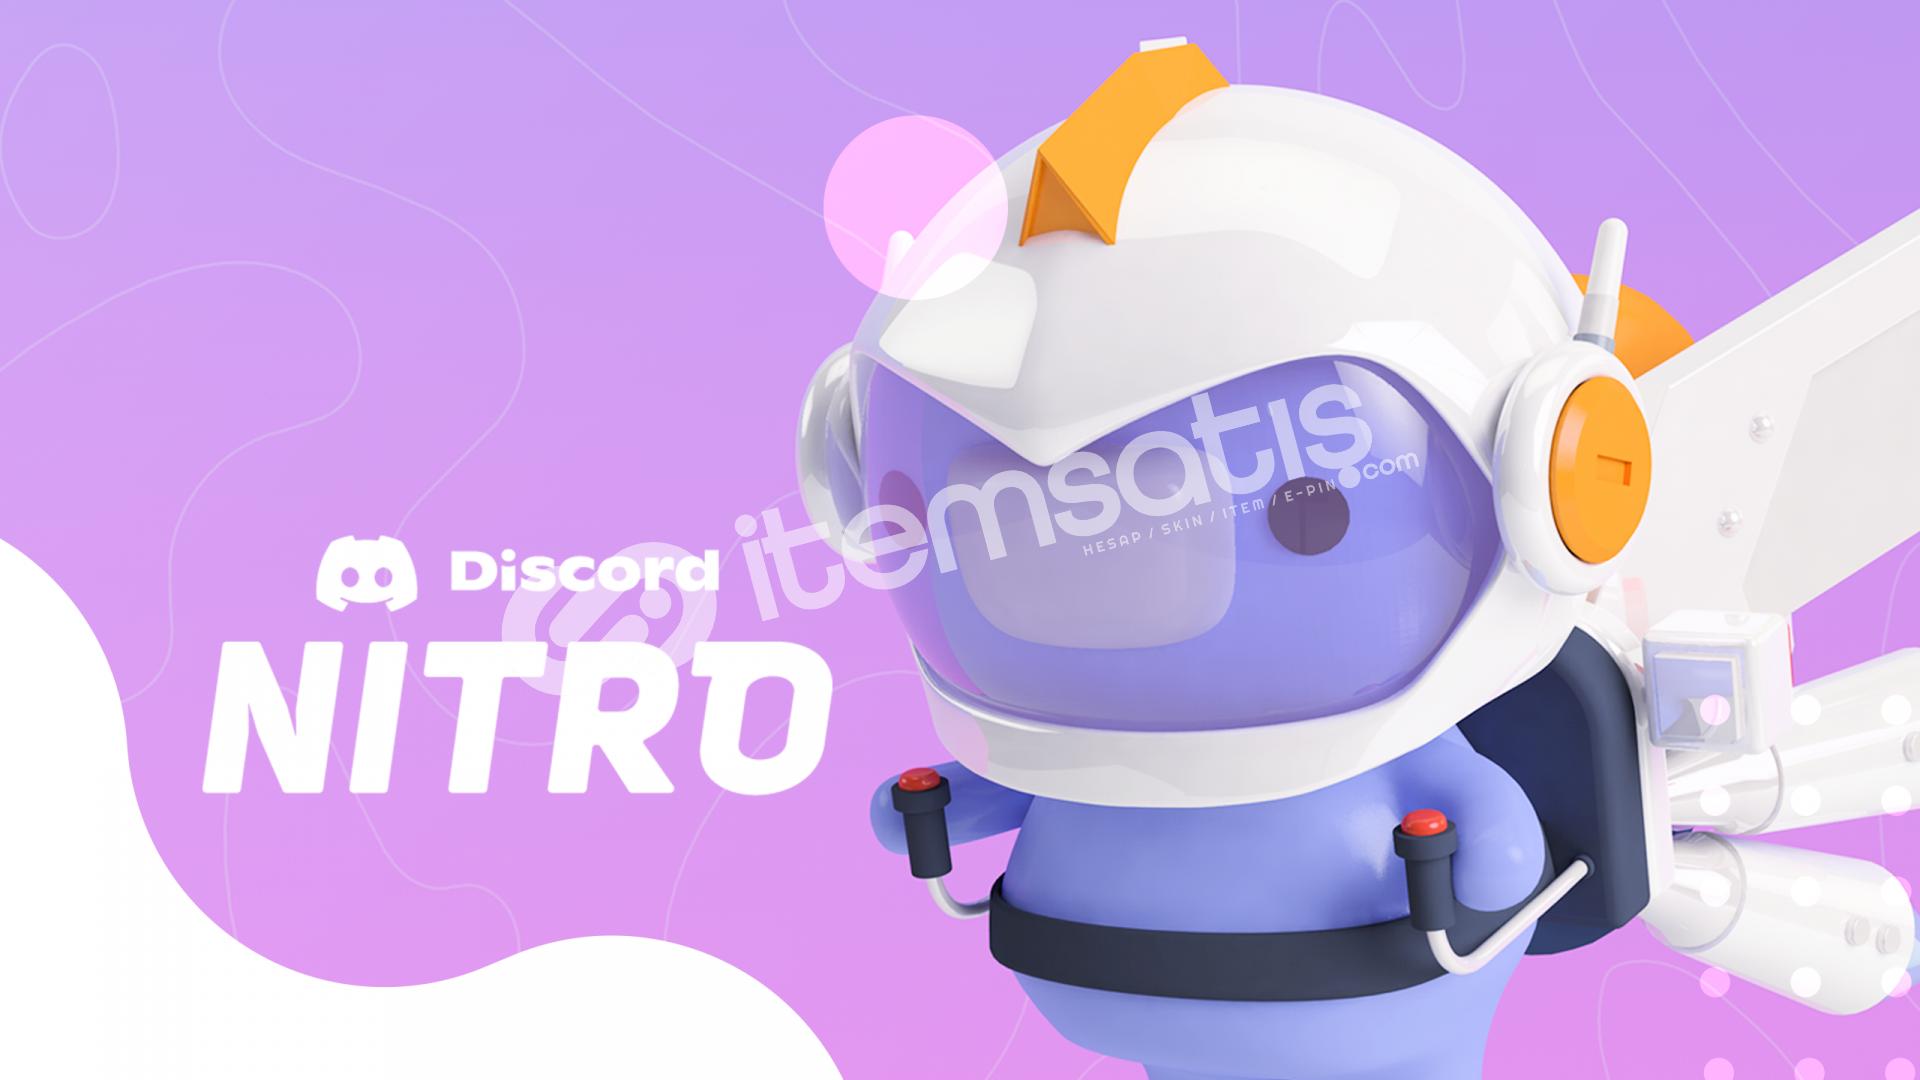 Discord 3 Aylık Boostlu Nitro